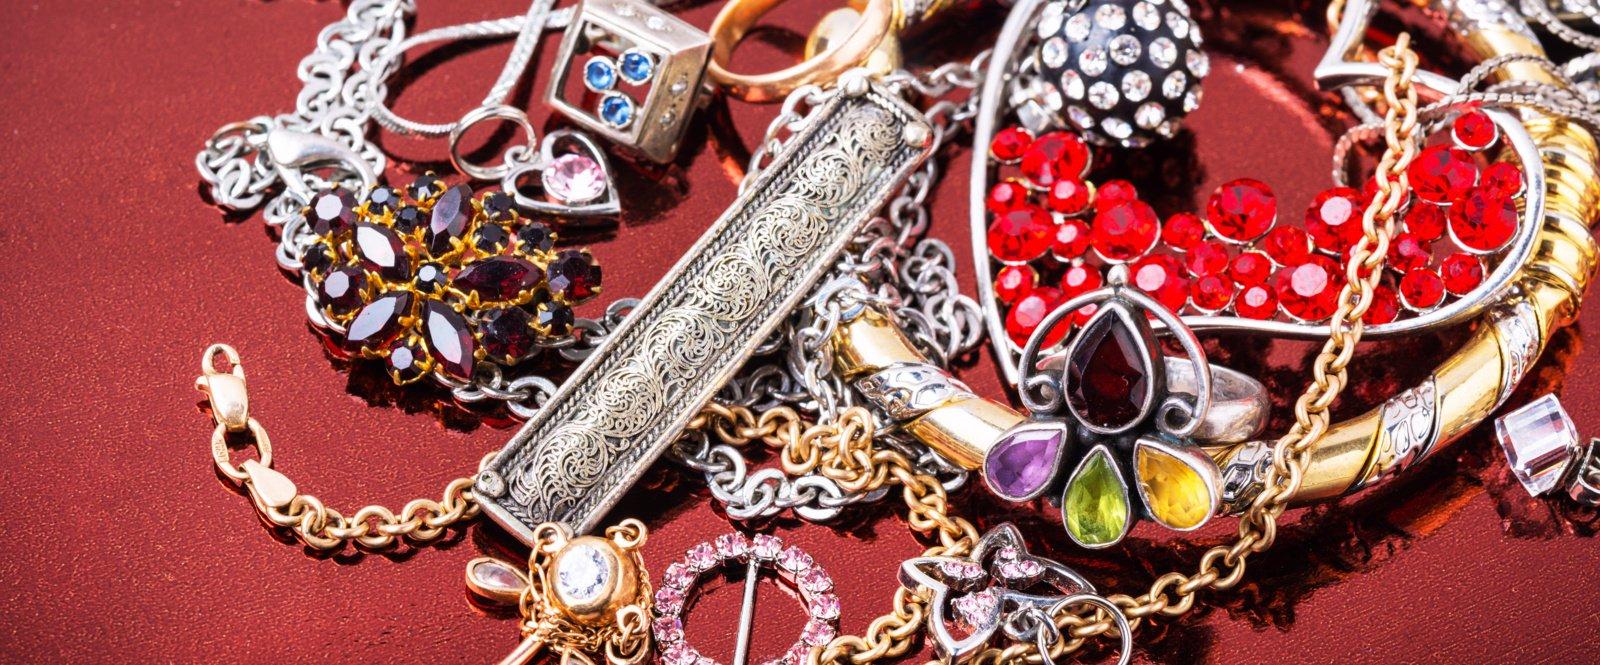 Marijampolėje iš moters namų dingo juvelyriniai dirbiniai